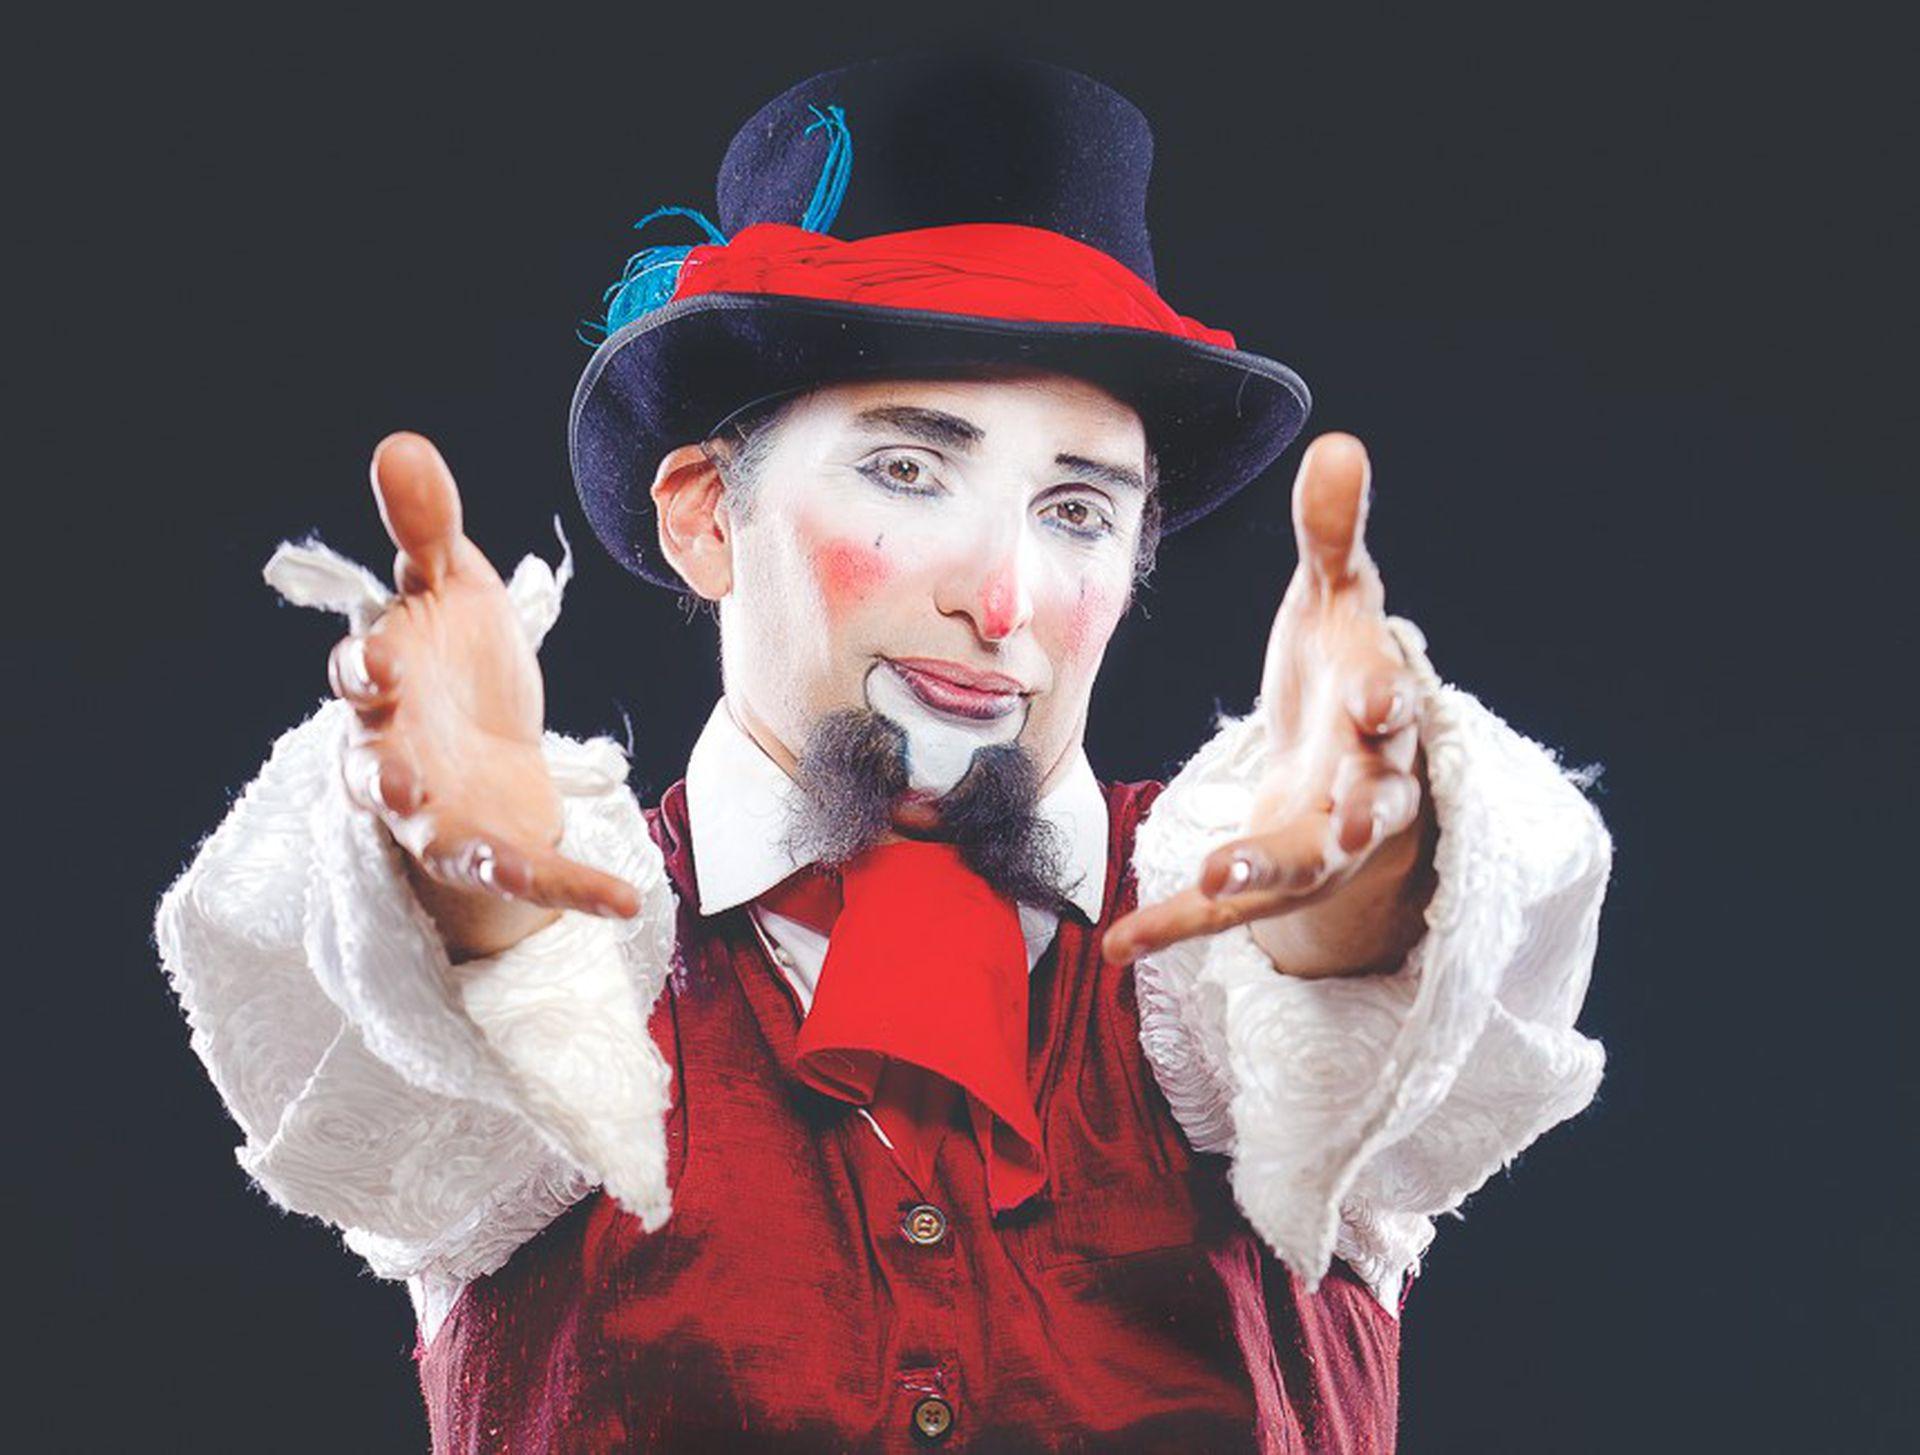 En Carmen de Patagones, se realizará el Festival Patacómico de Clown con La kermes patacómica